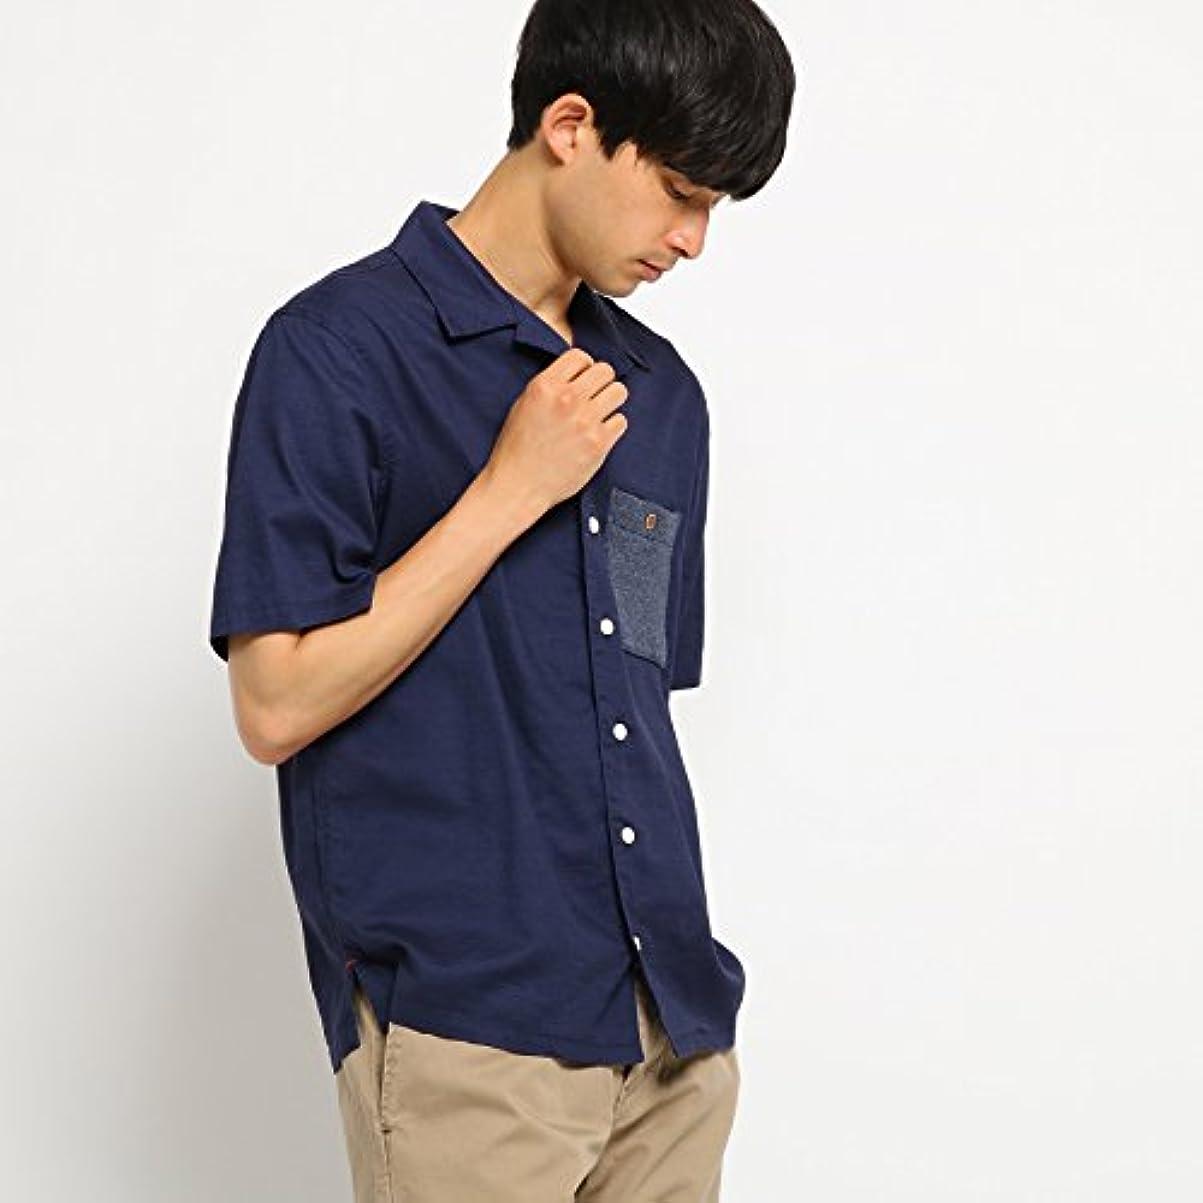 ゾーン近代化するどうやってBASE CONTROL(Men)(ベースコントロール(メンズ)) ビッグシルエット オープンカラーシャツ